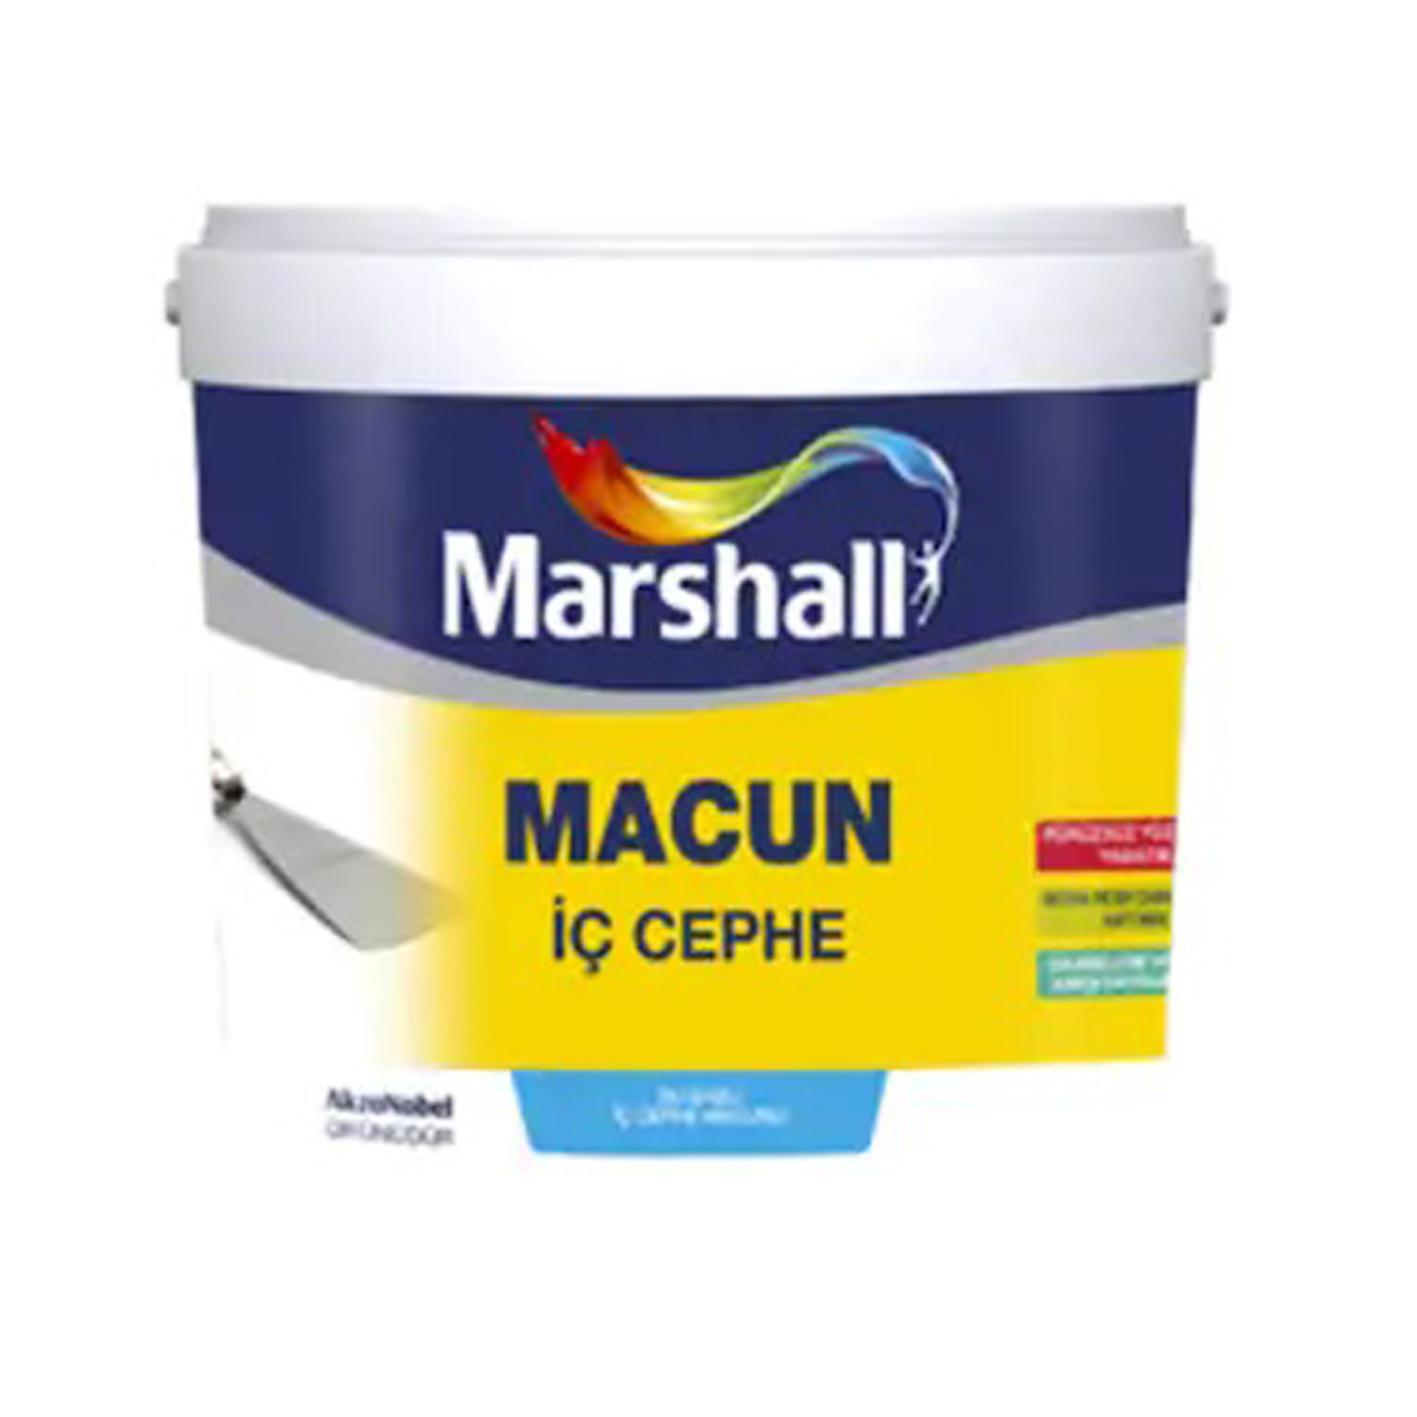 Marshall İç Cephe Macunu 4.5Kg